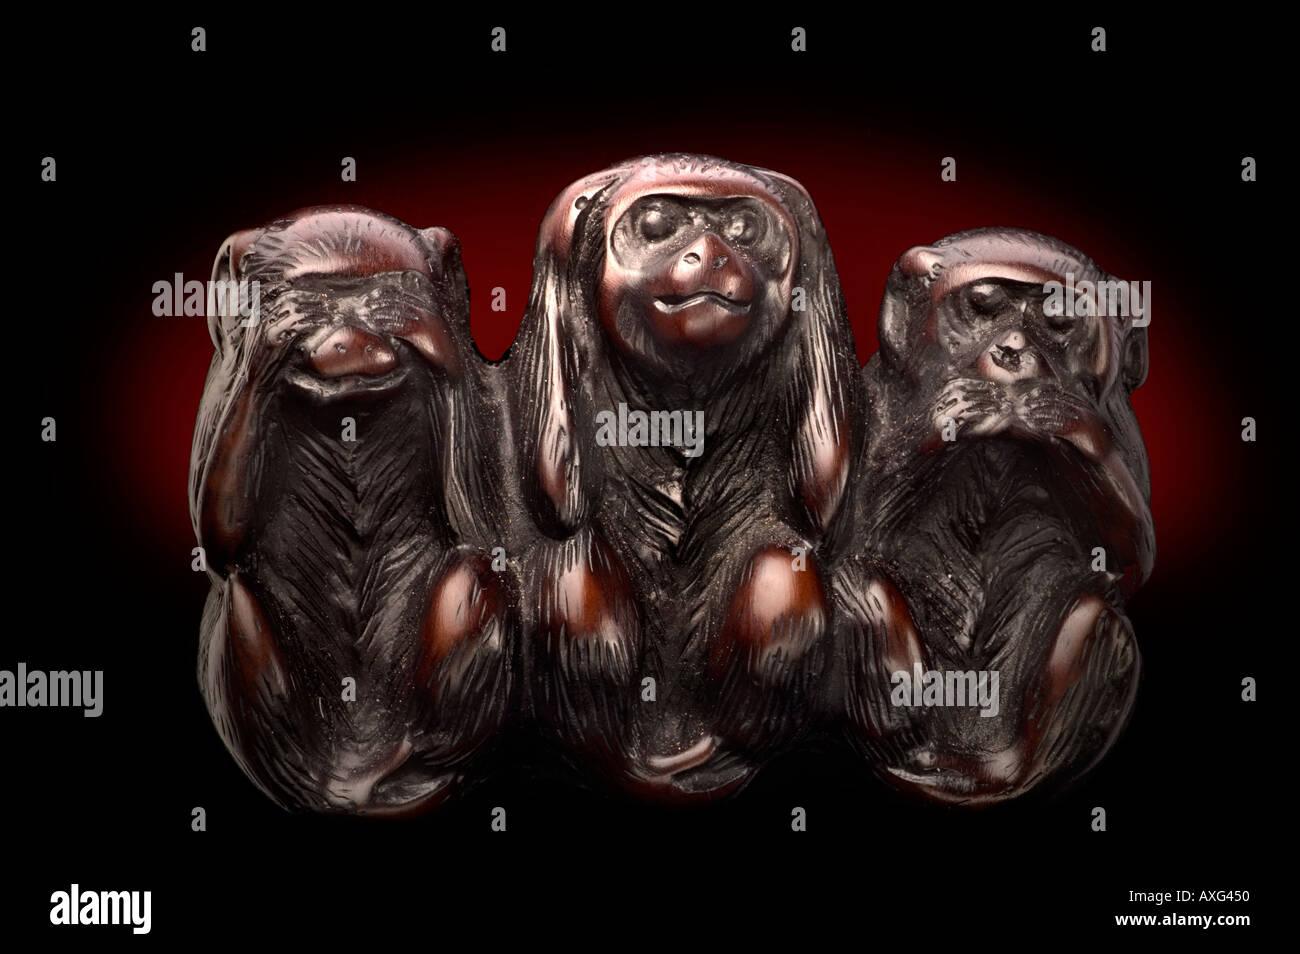 Nichts Sagen Three Monkeys Nichts Hören 3 Affen Nichts Sehen